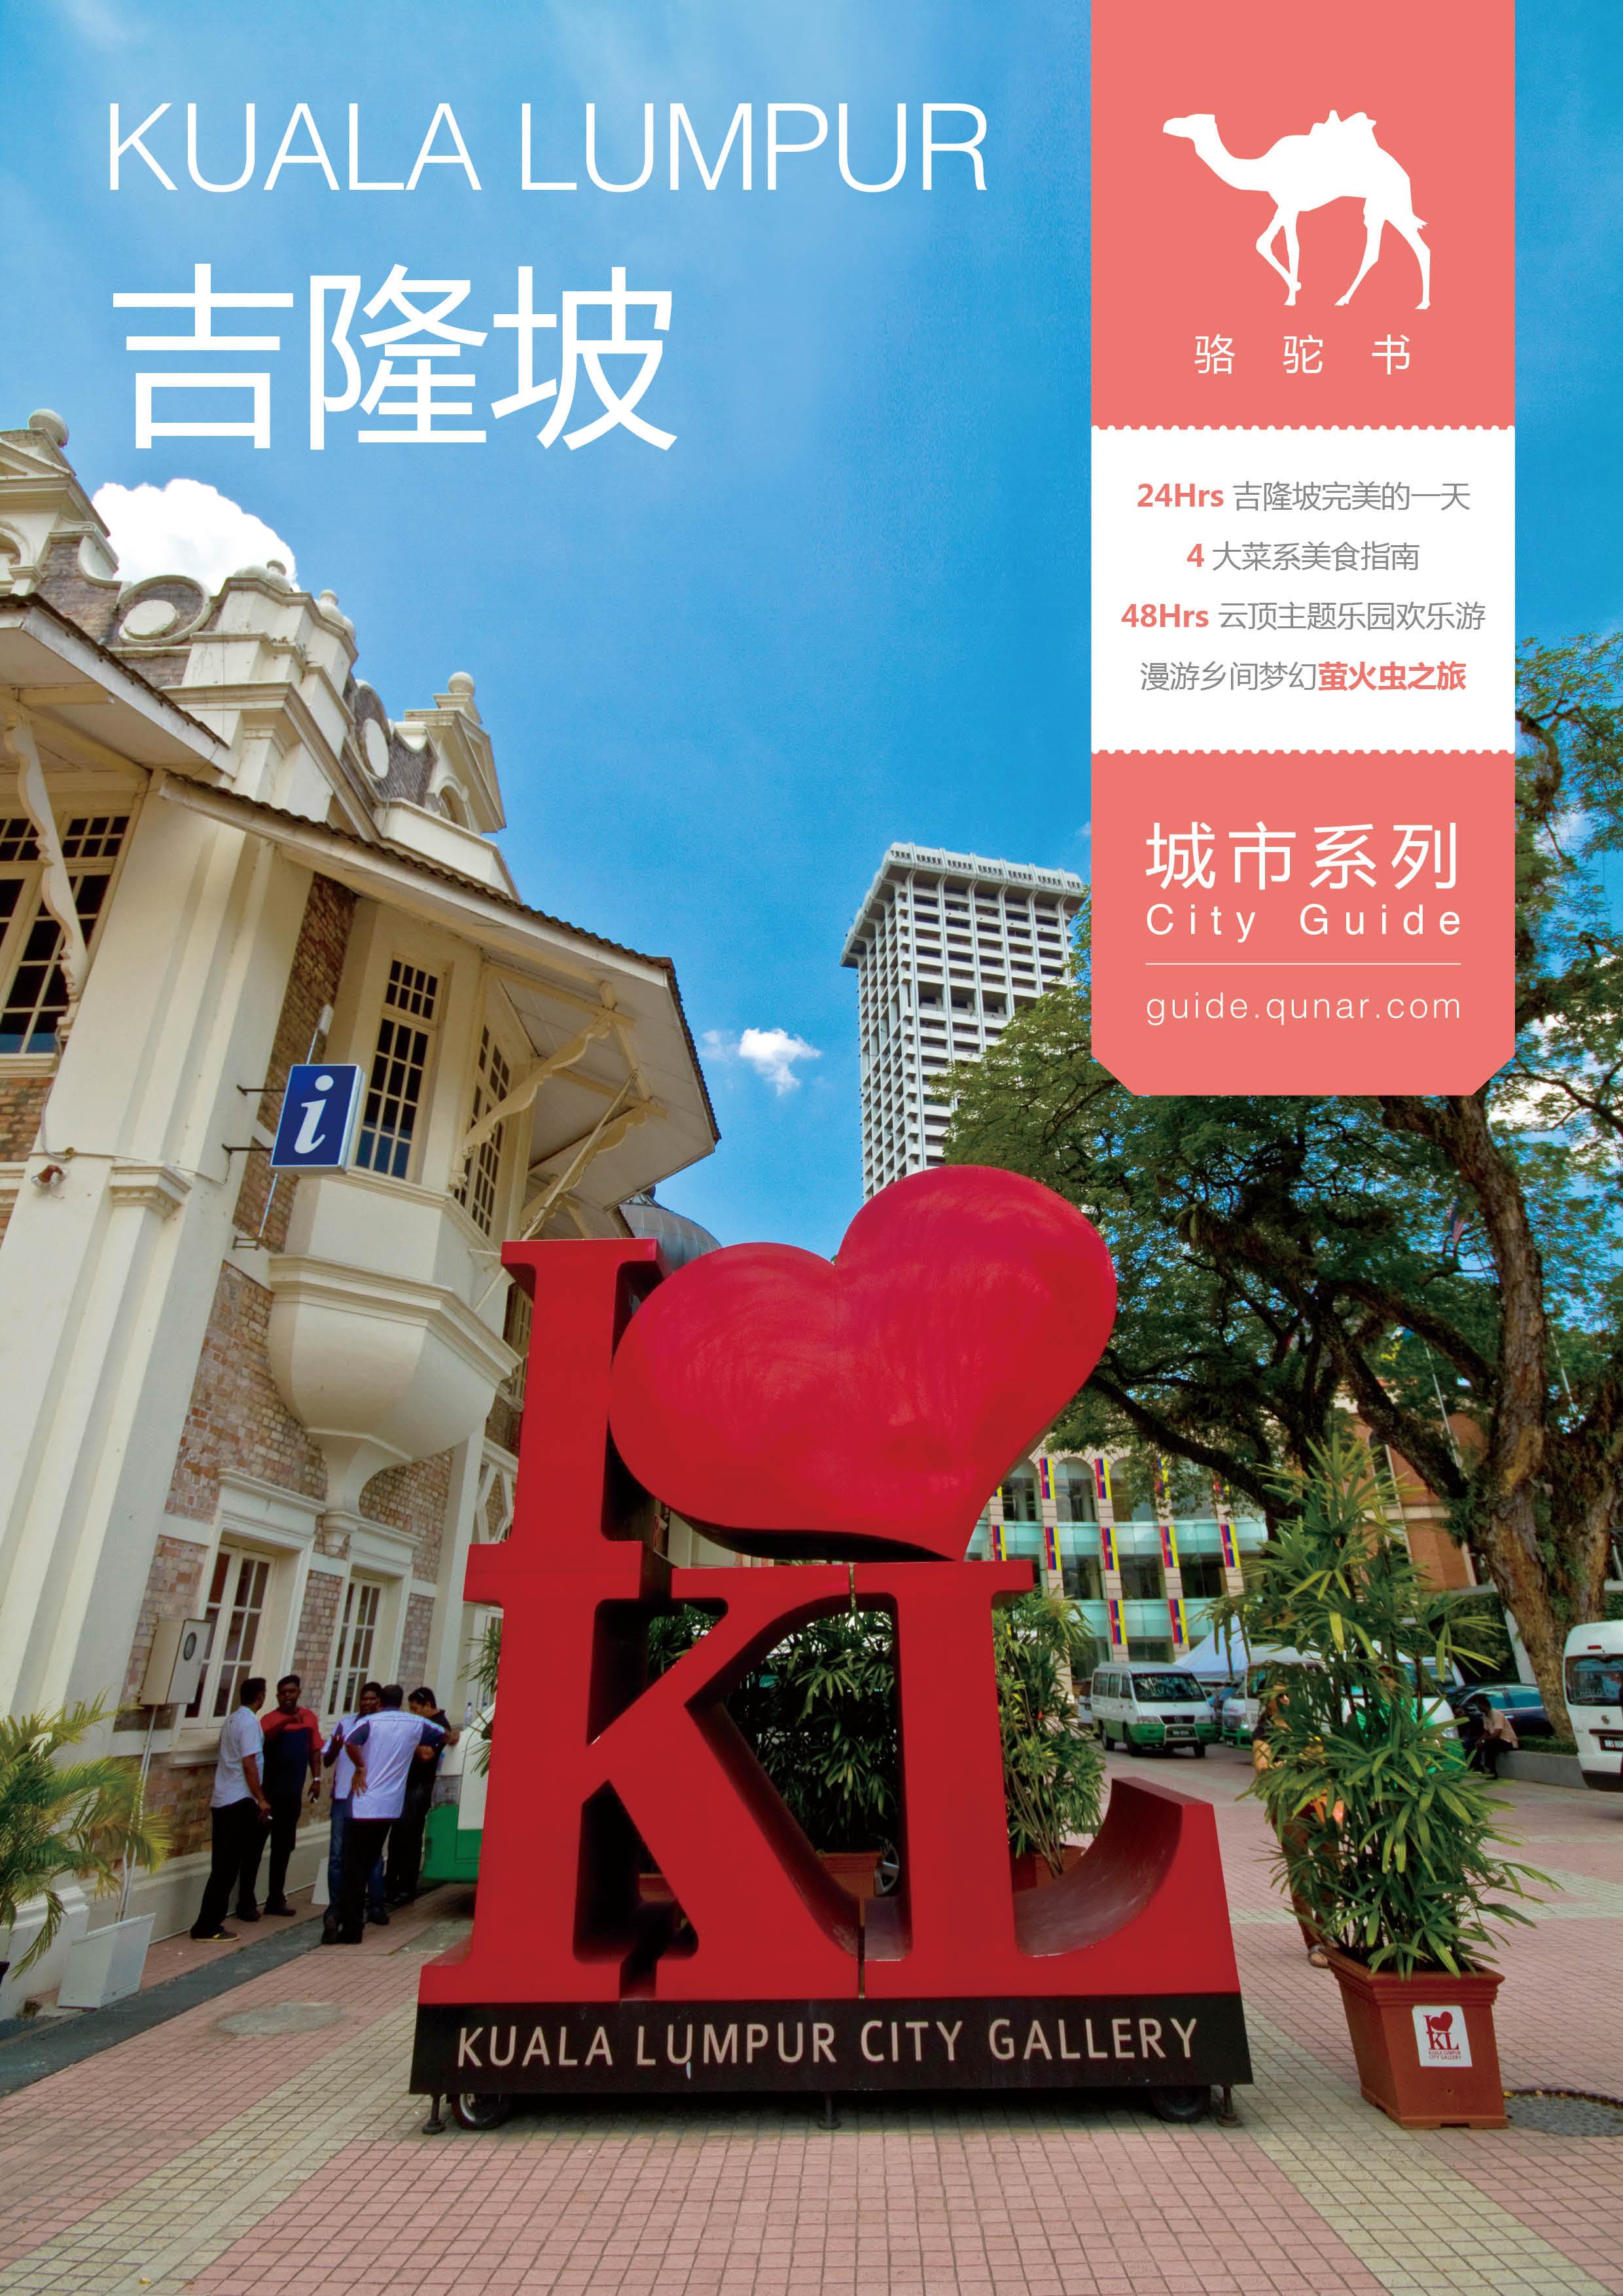 吉隆坡旅游攻略图片